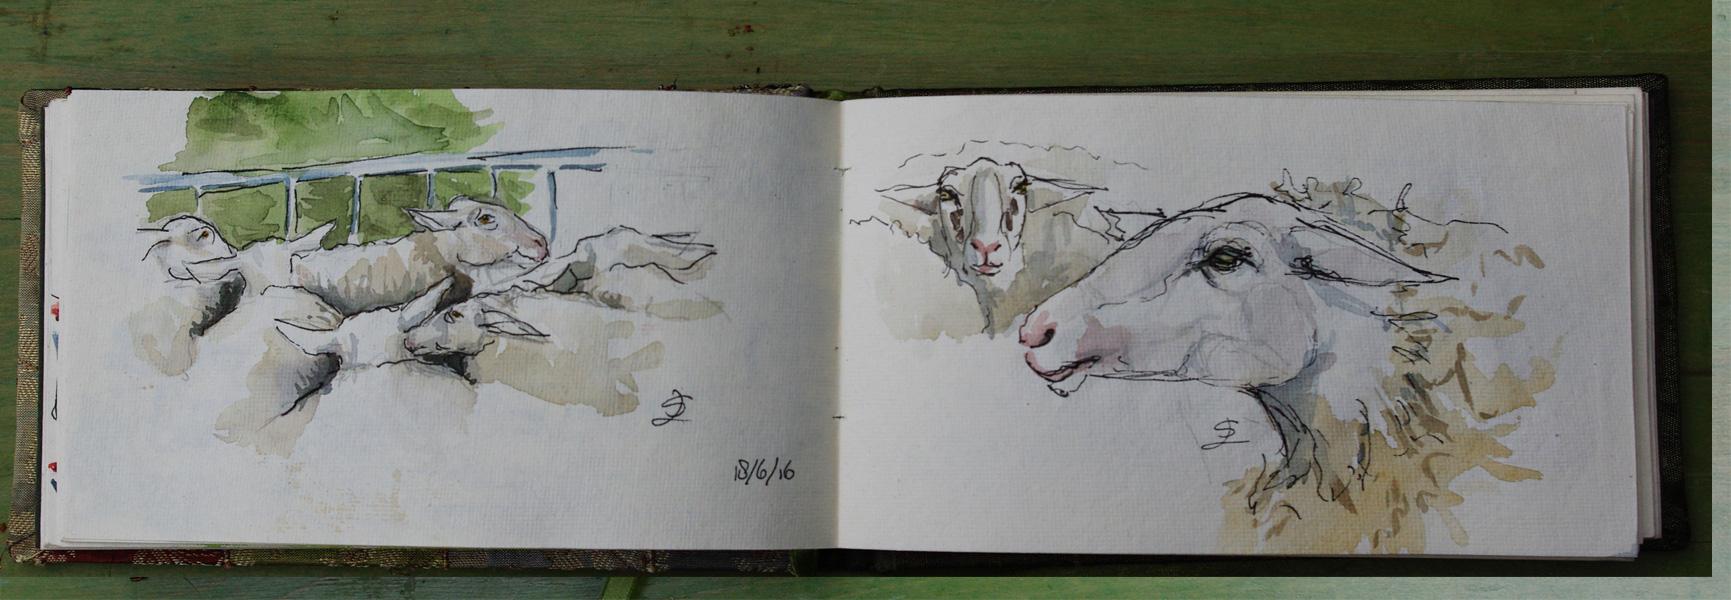 schaapscheerdersfeest  Rheden de schapen wachten hun beurt af